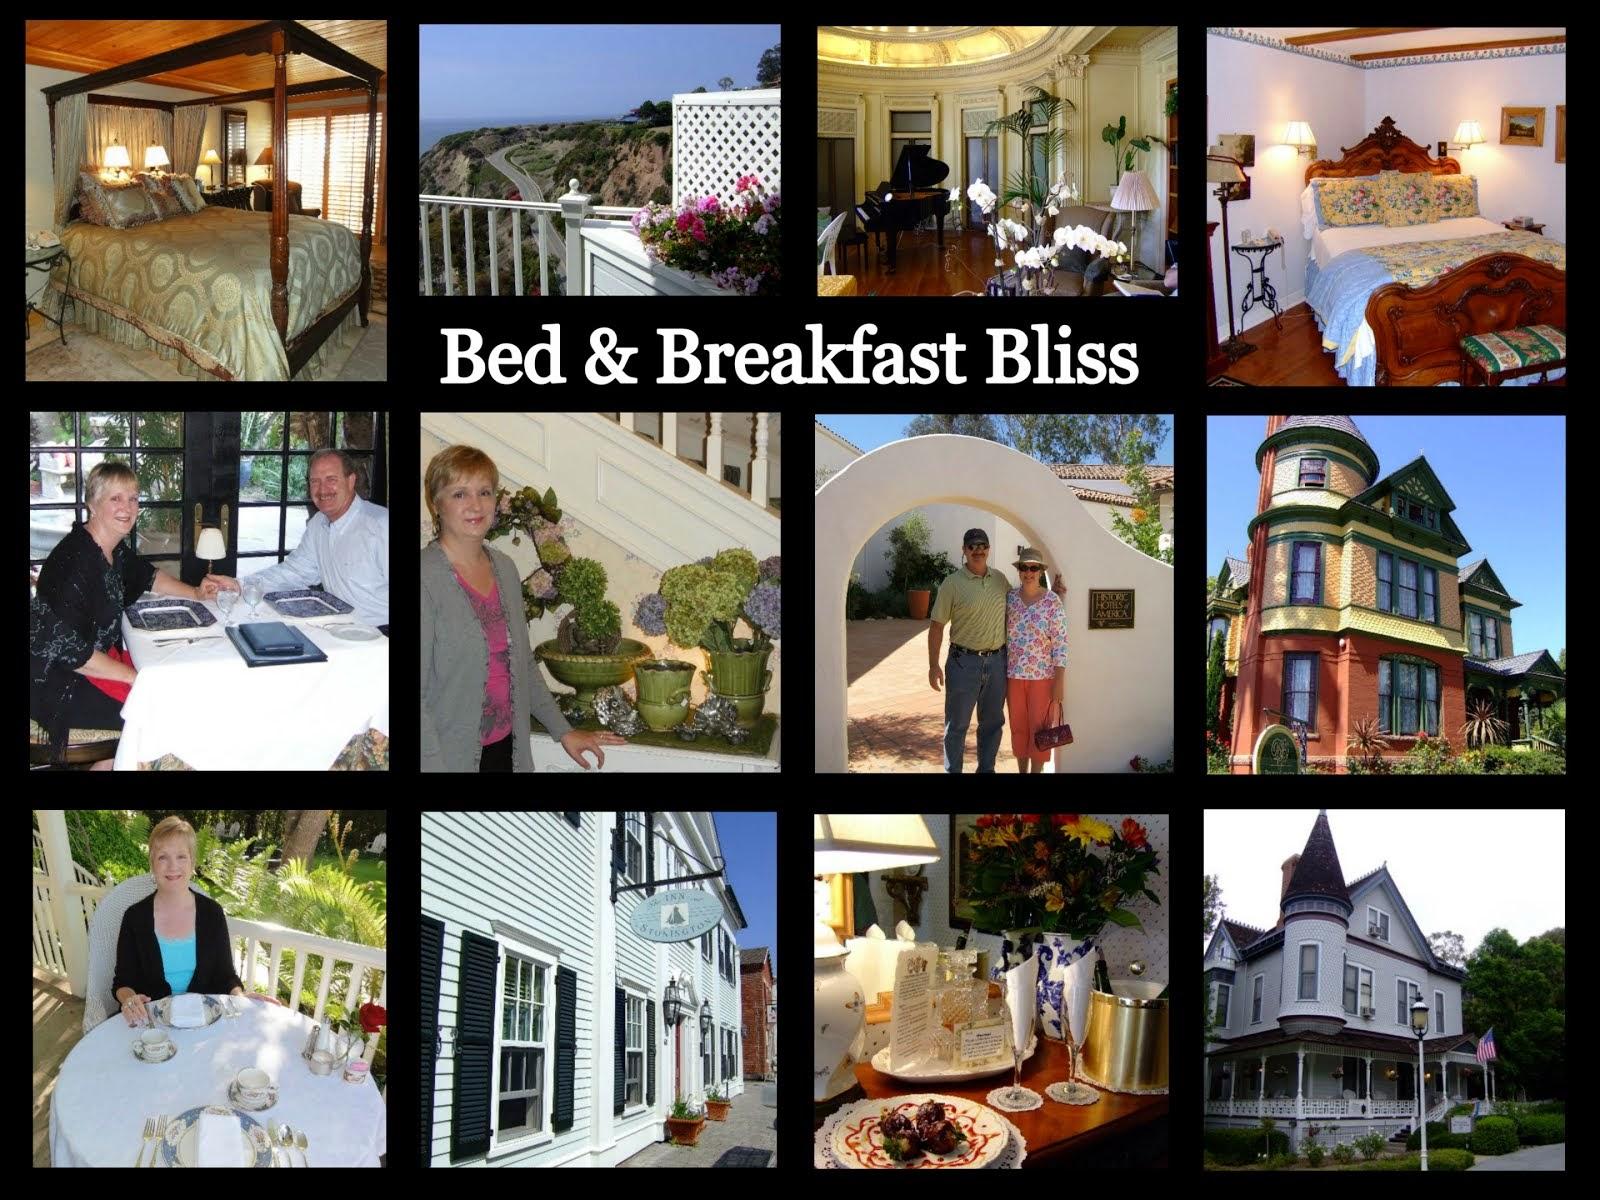 Bed & Breakfast Inn Bliss List